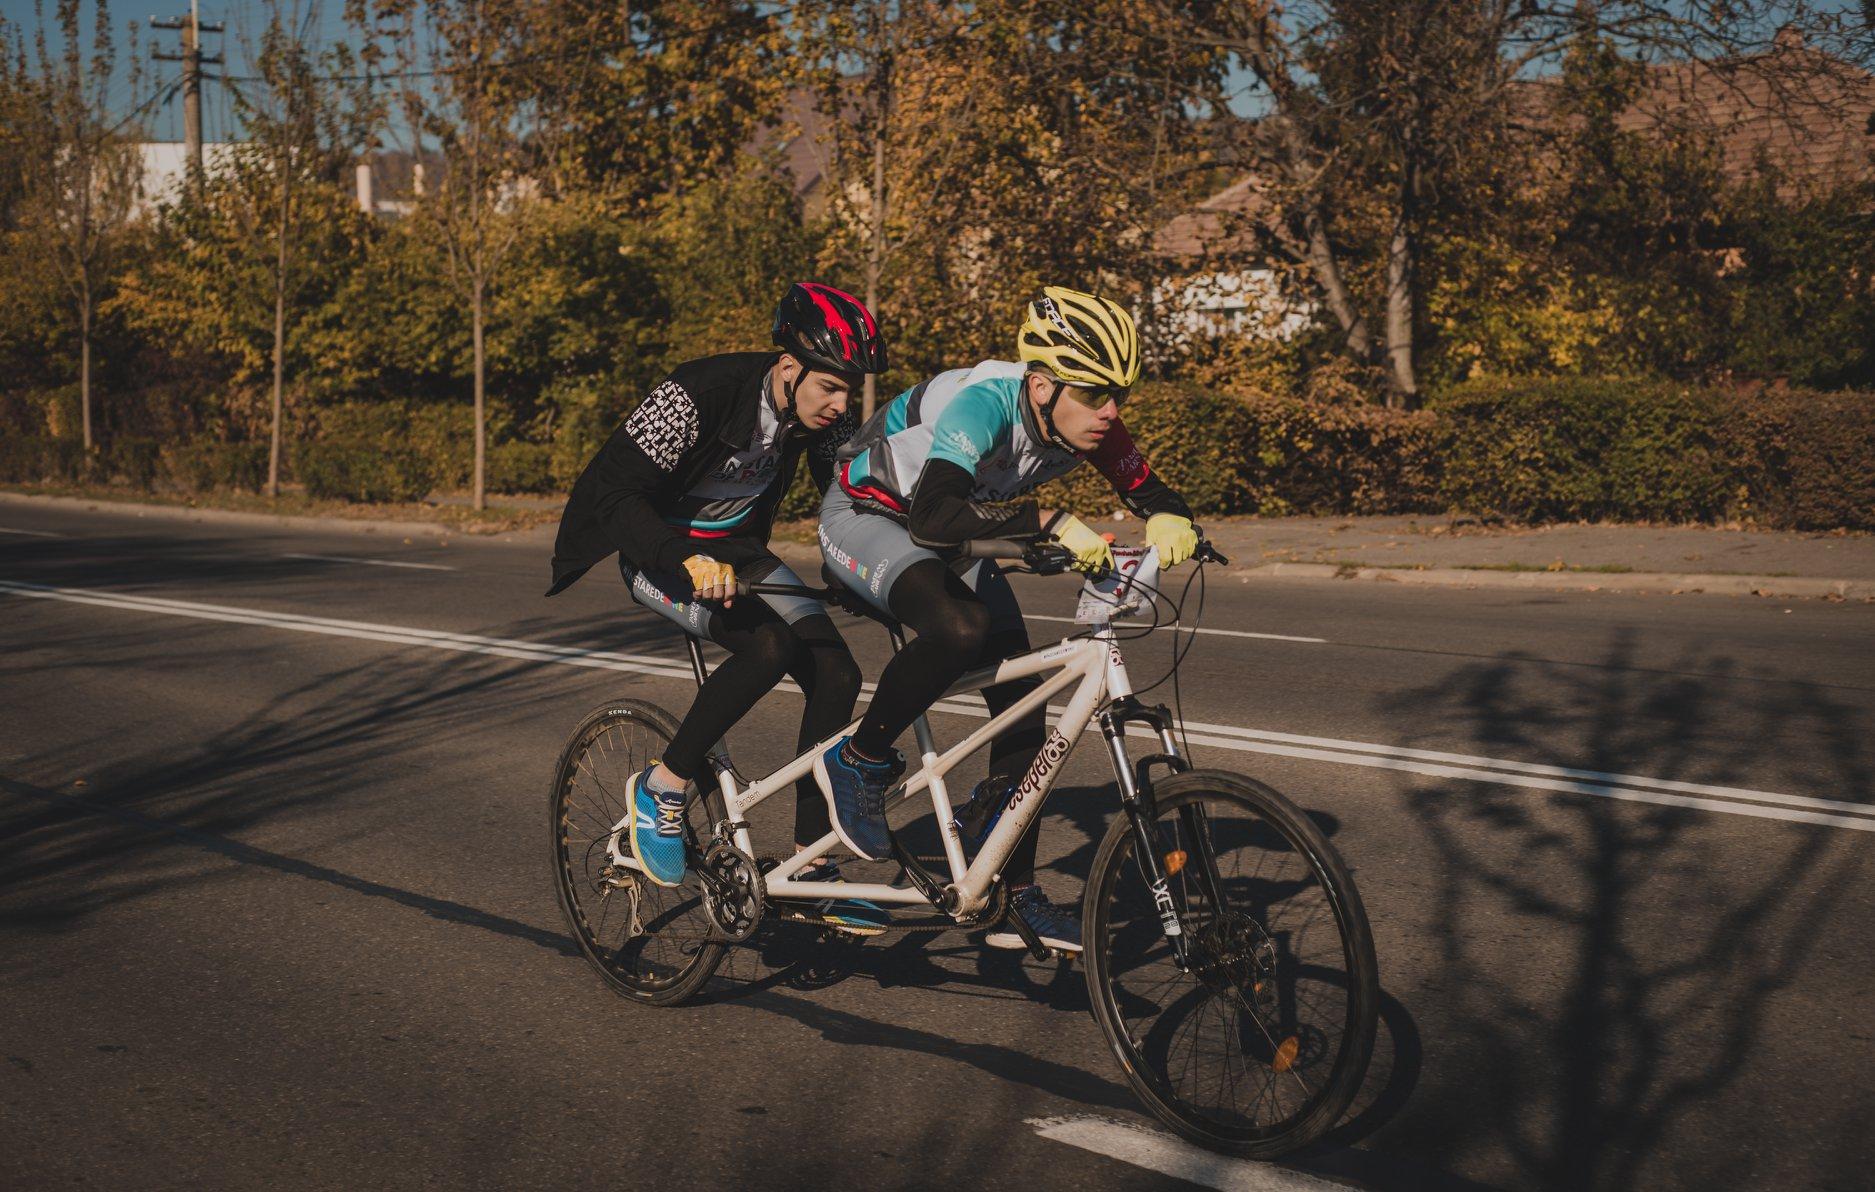 Tandem BikeFland, primul proiect de ciclism în tandem din România, a ajuns la cea de-a doua ediție